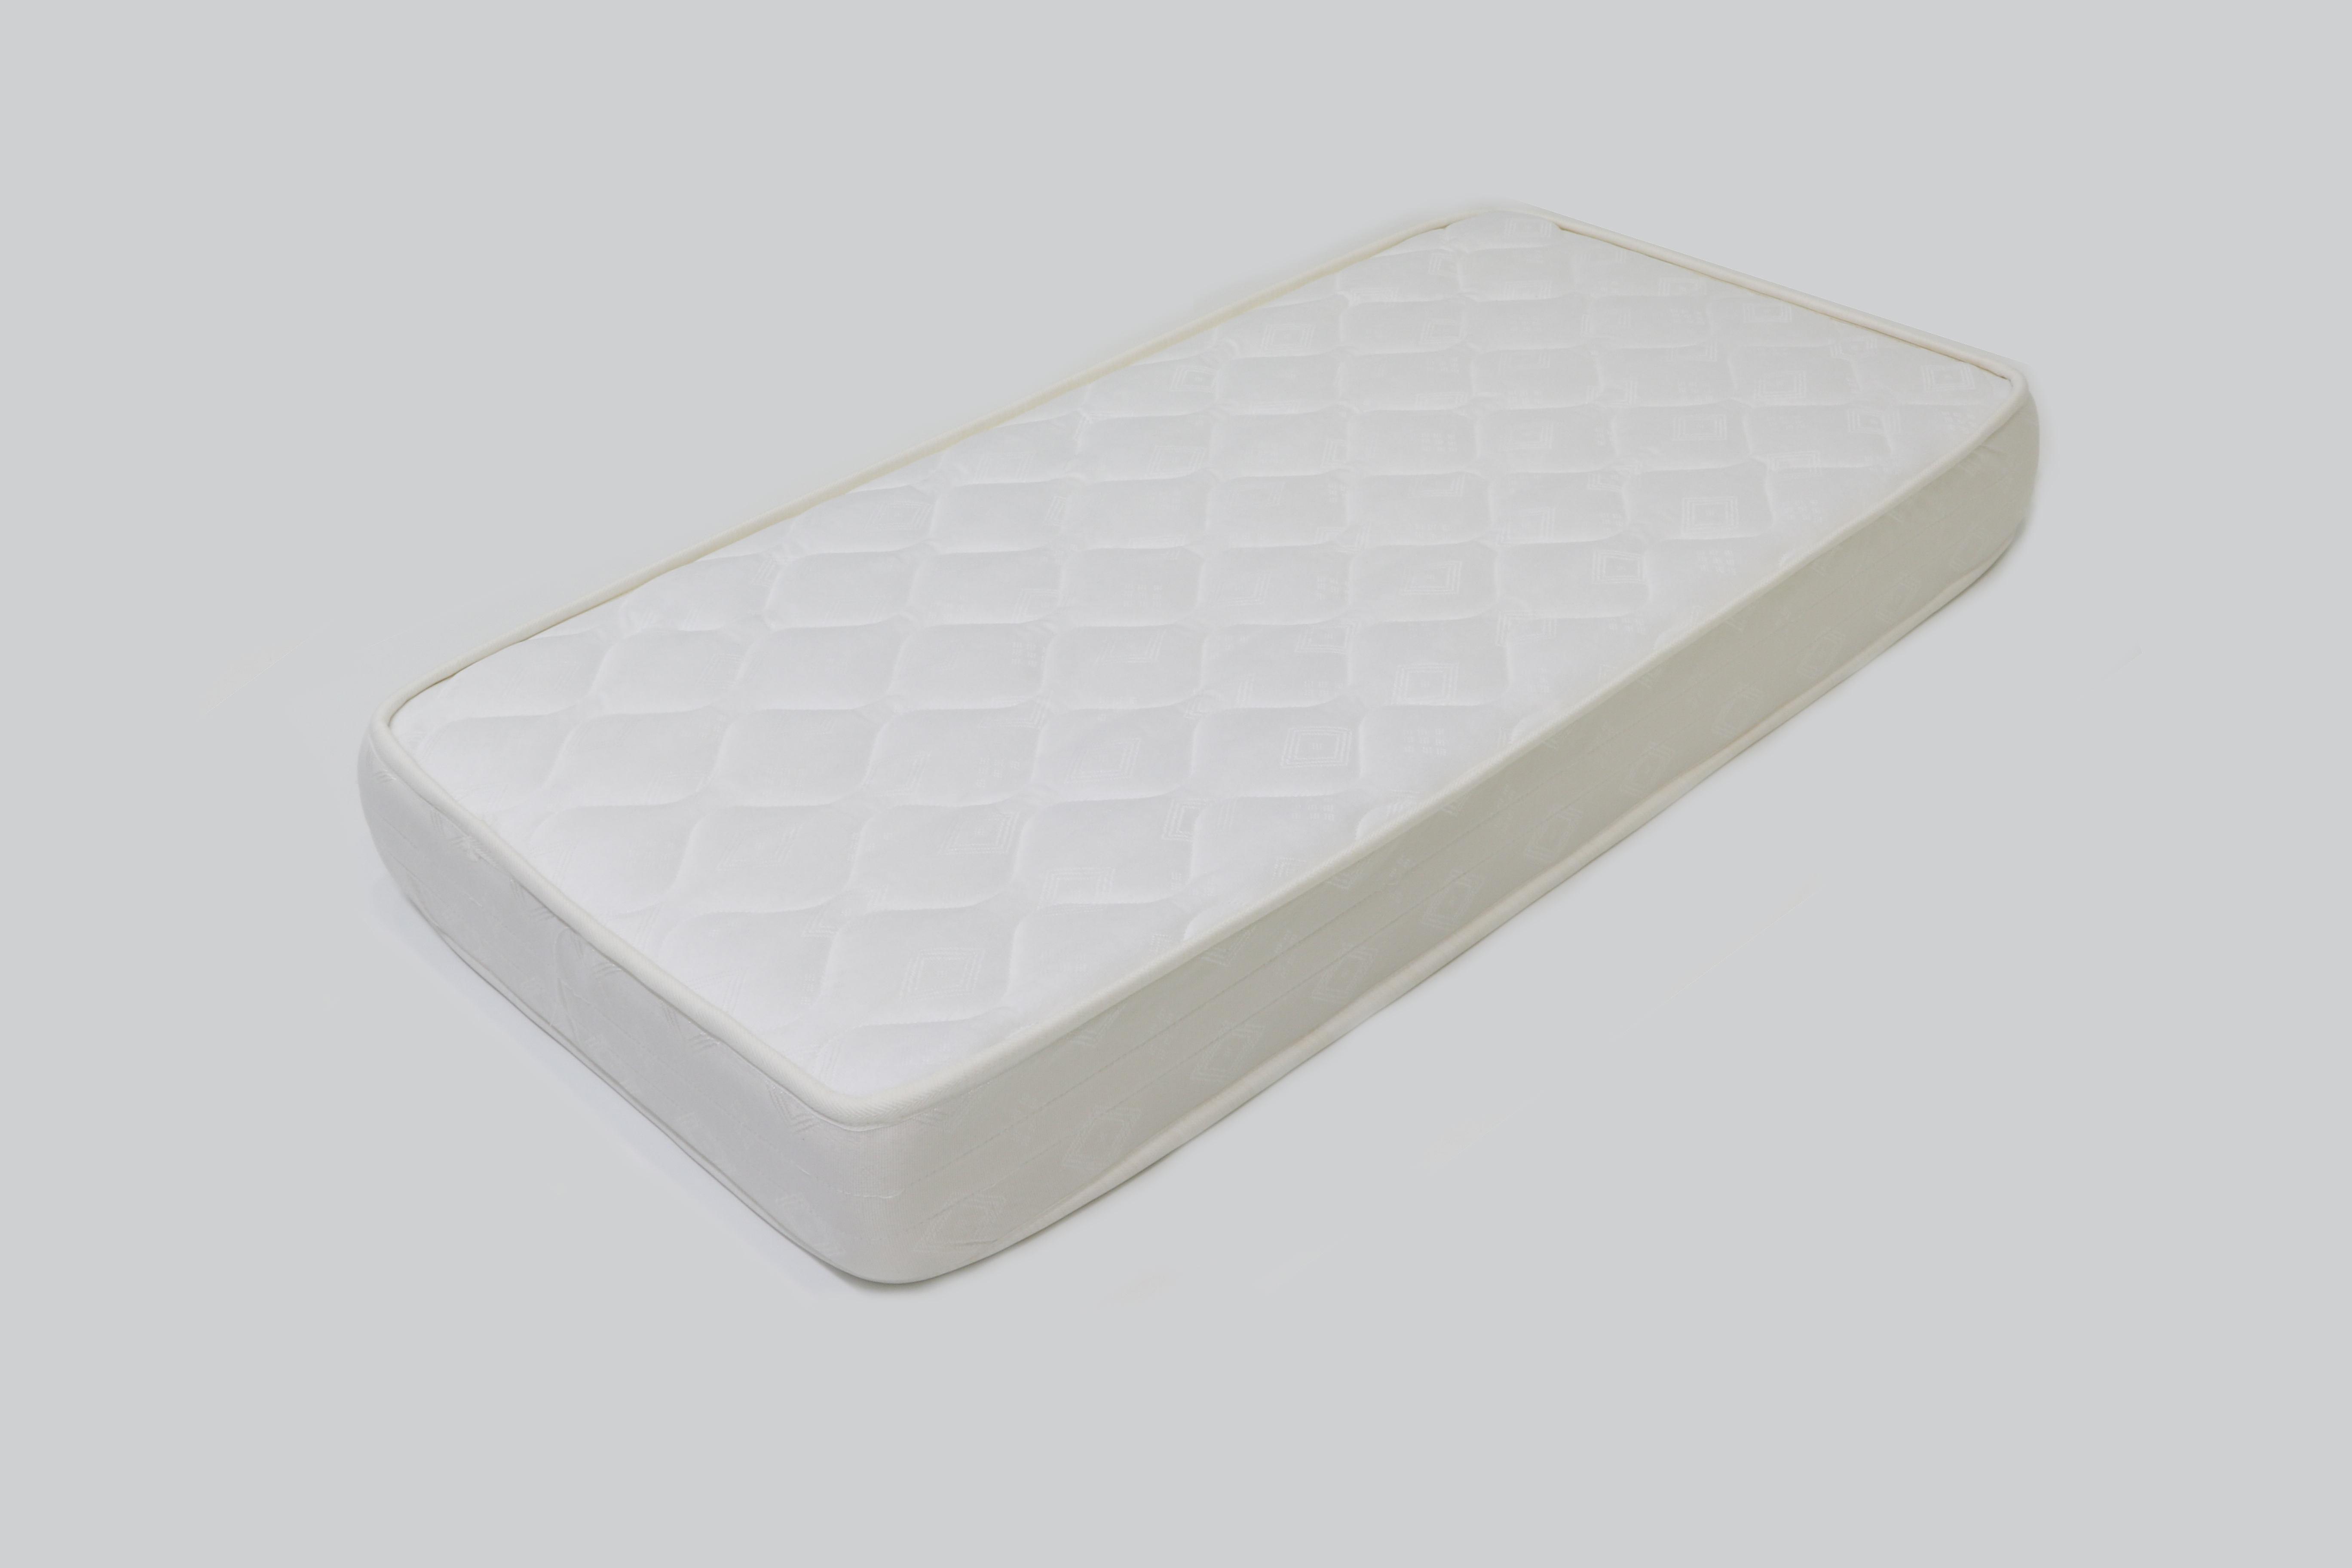 Vendita materassi reti cuscini memory foam il re del riposo